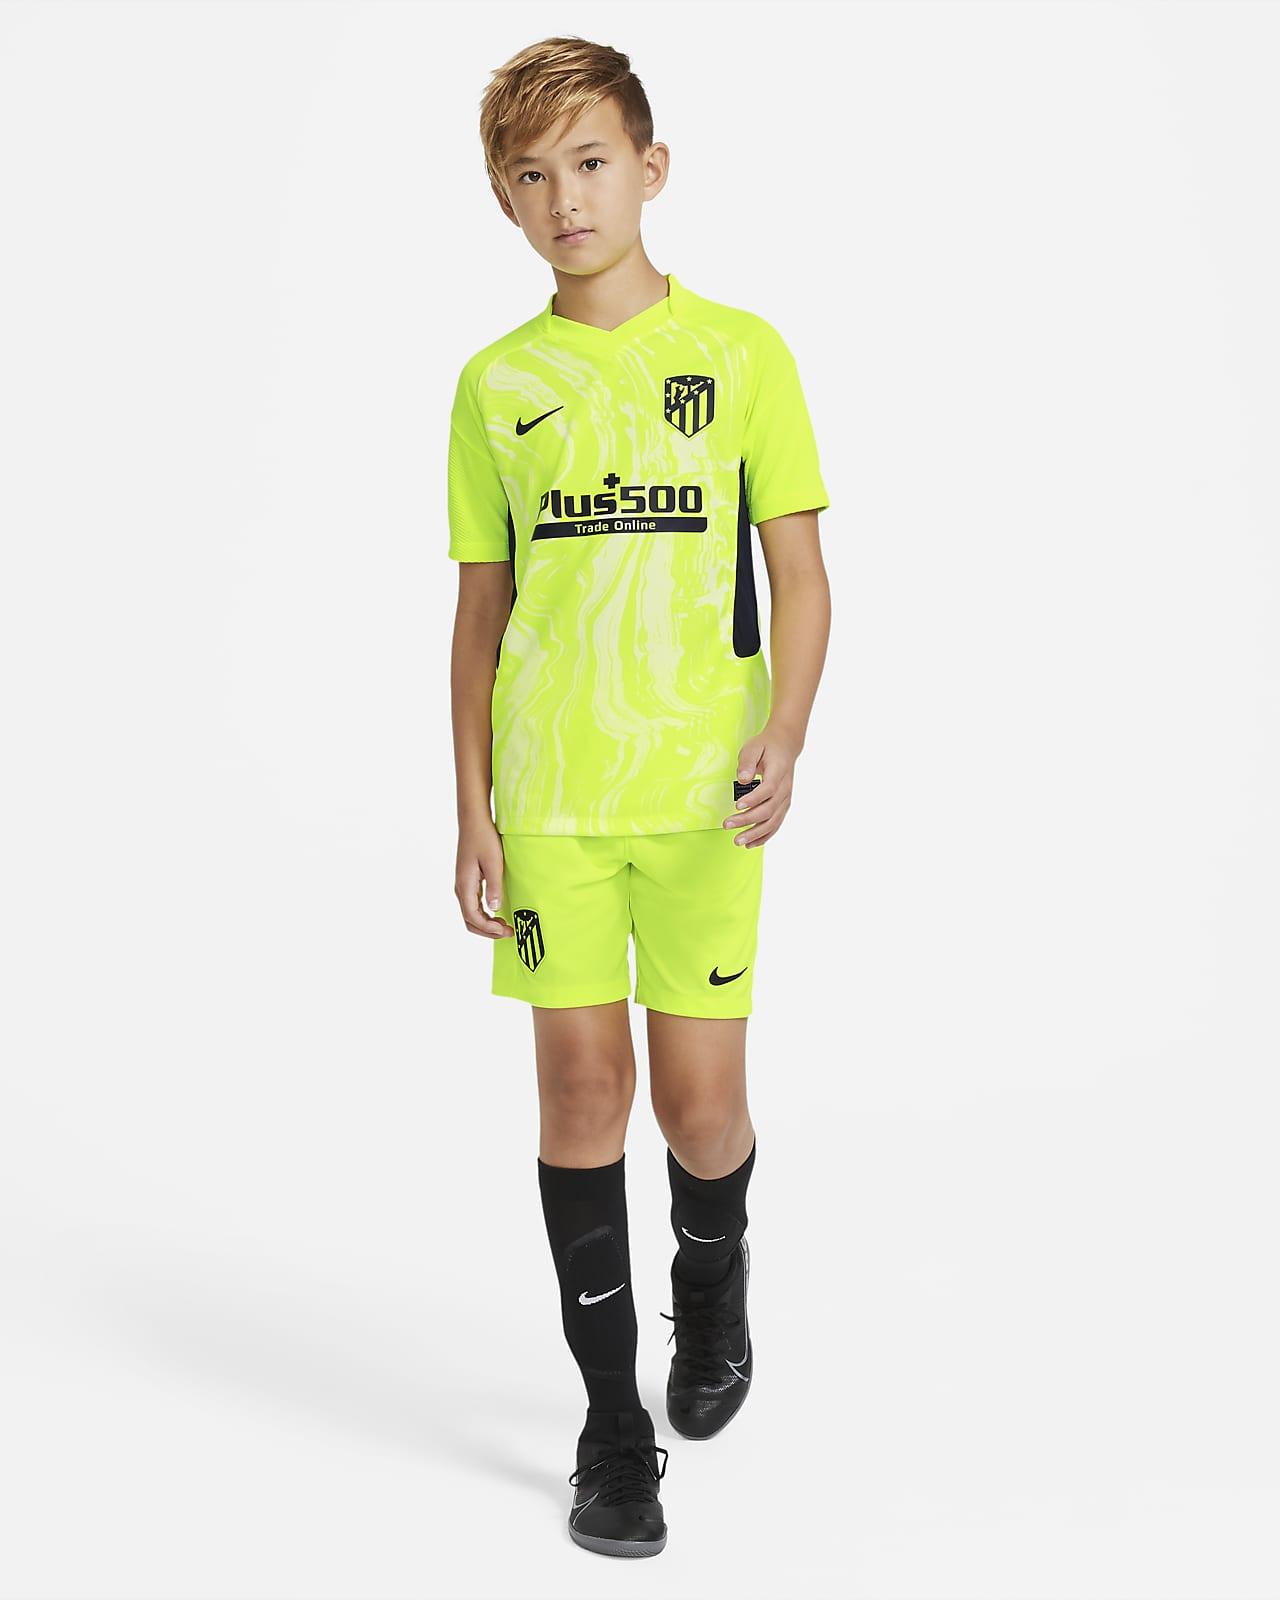 Maglia da calcio Atlético de Madrid 2020/2021 Stadium per ragazzi - Terza